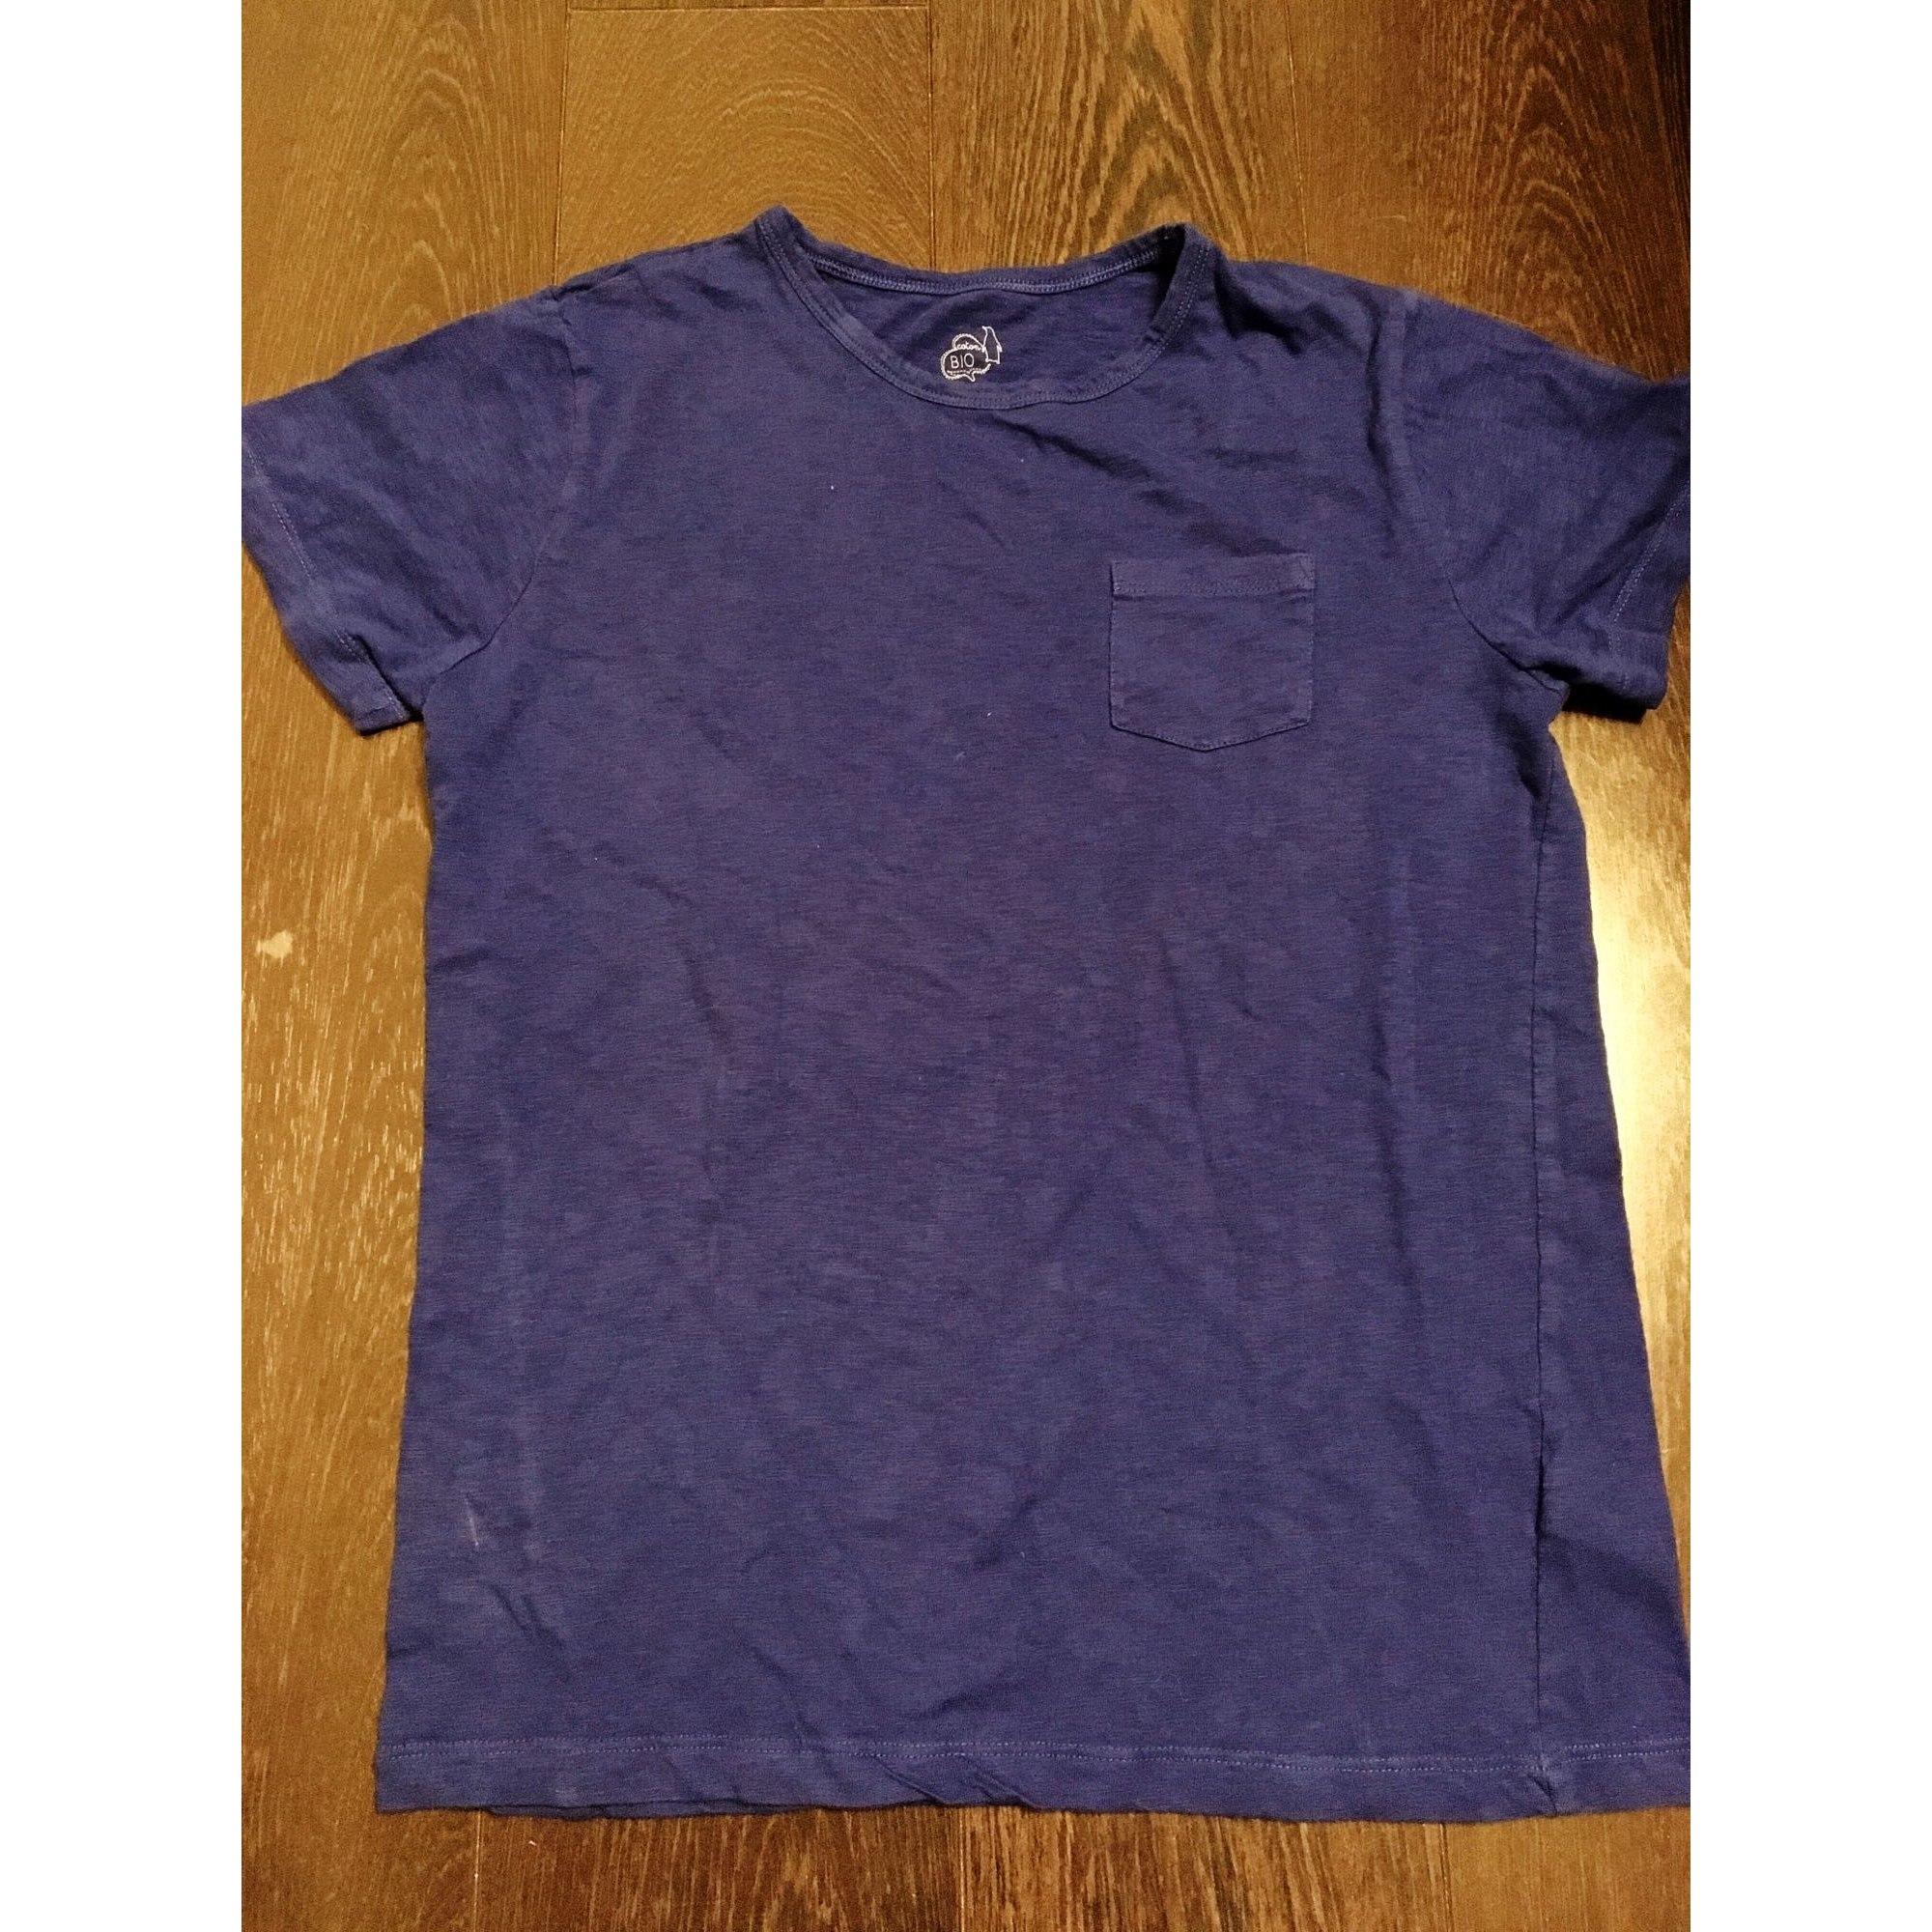 Tee-shirt CFK Bleu, bleu marine, bleu turquoise